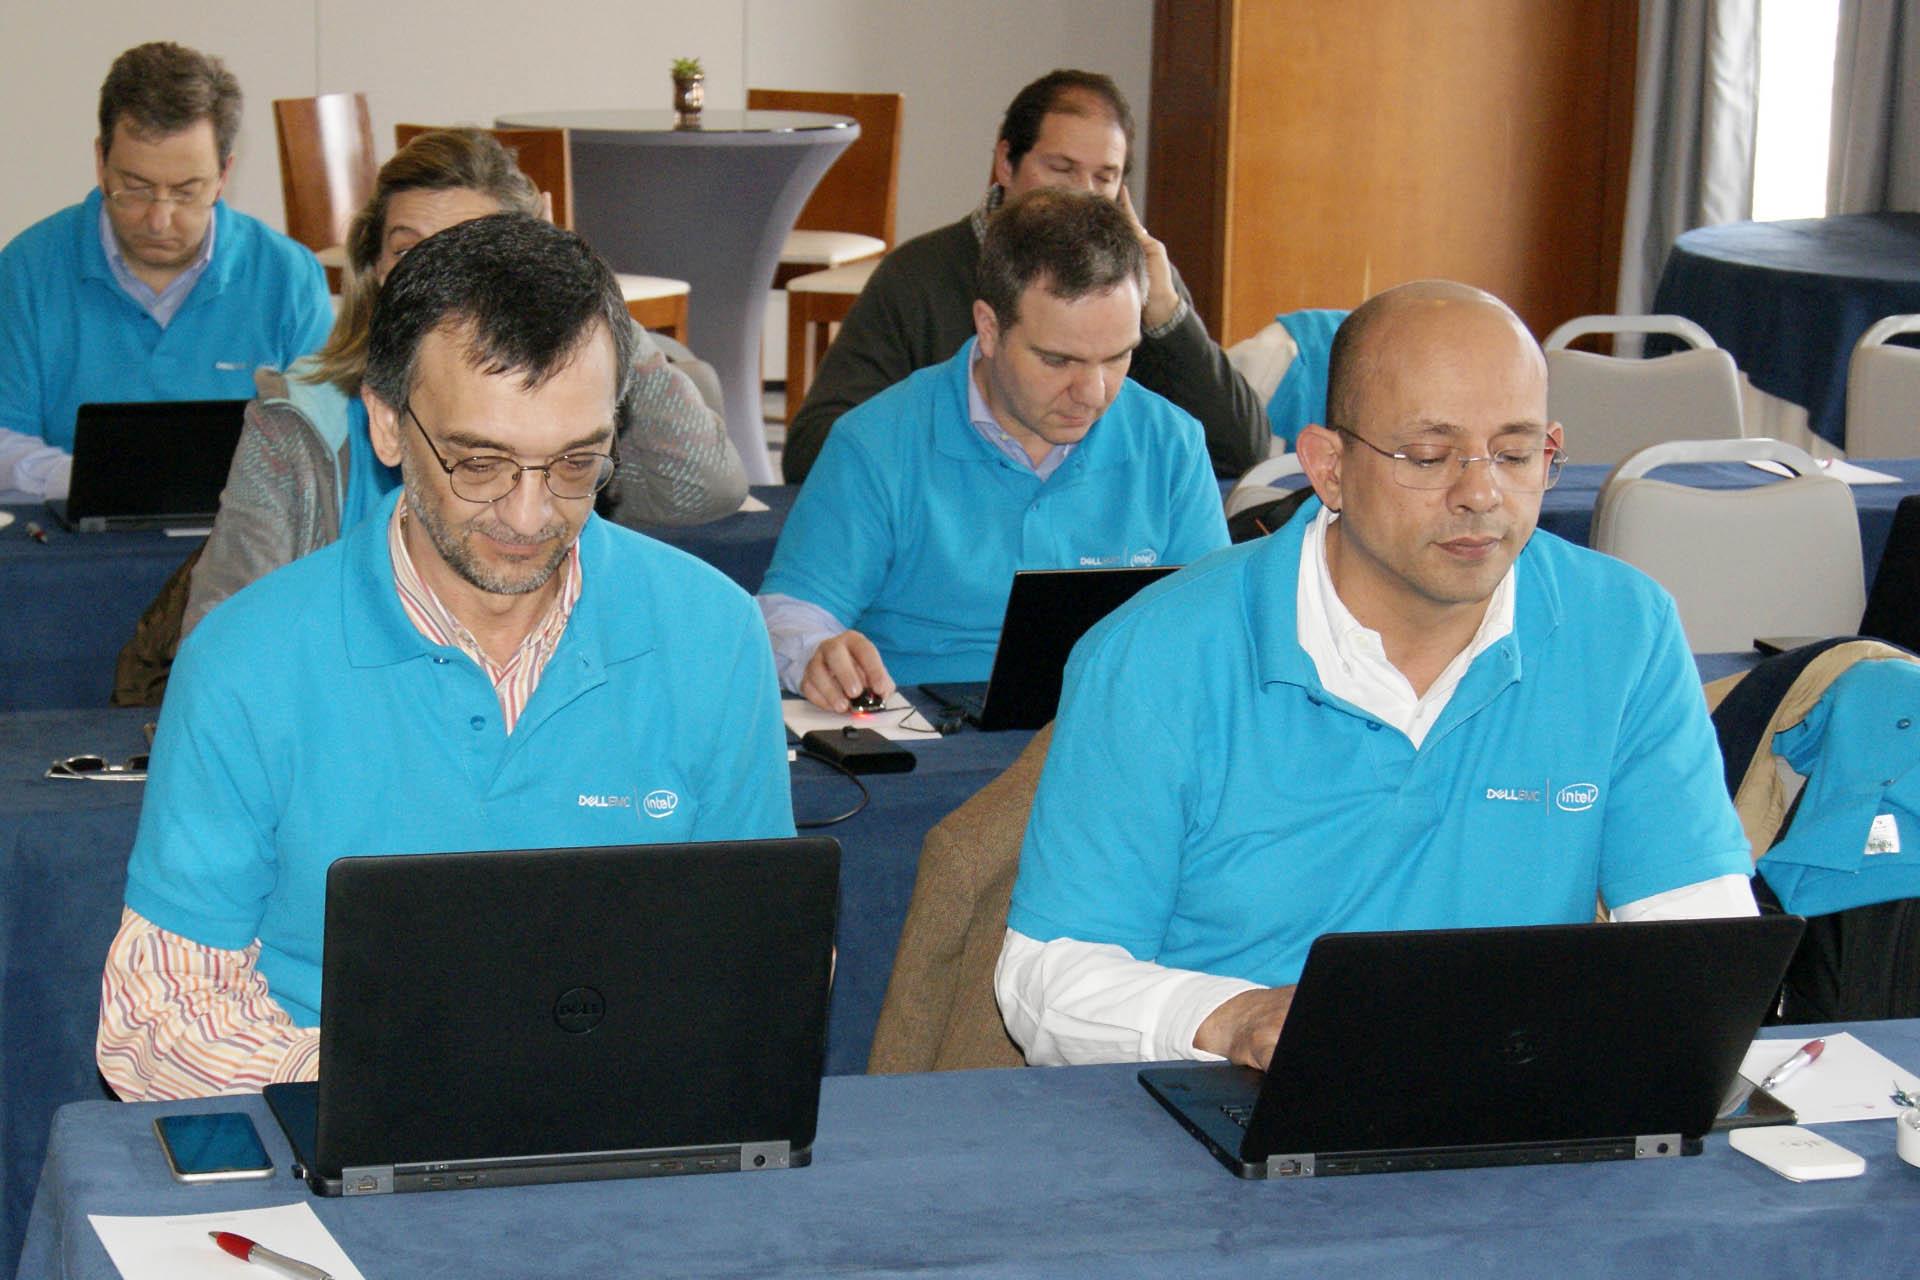 Evento Dell EMC Comercial